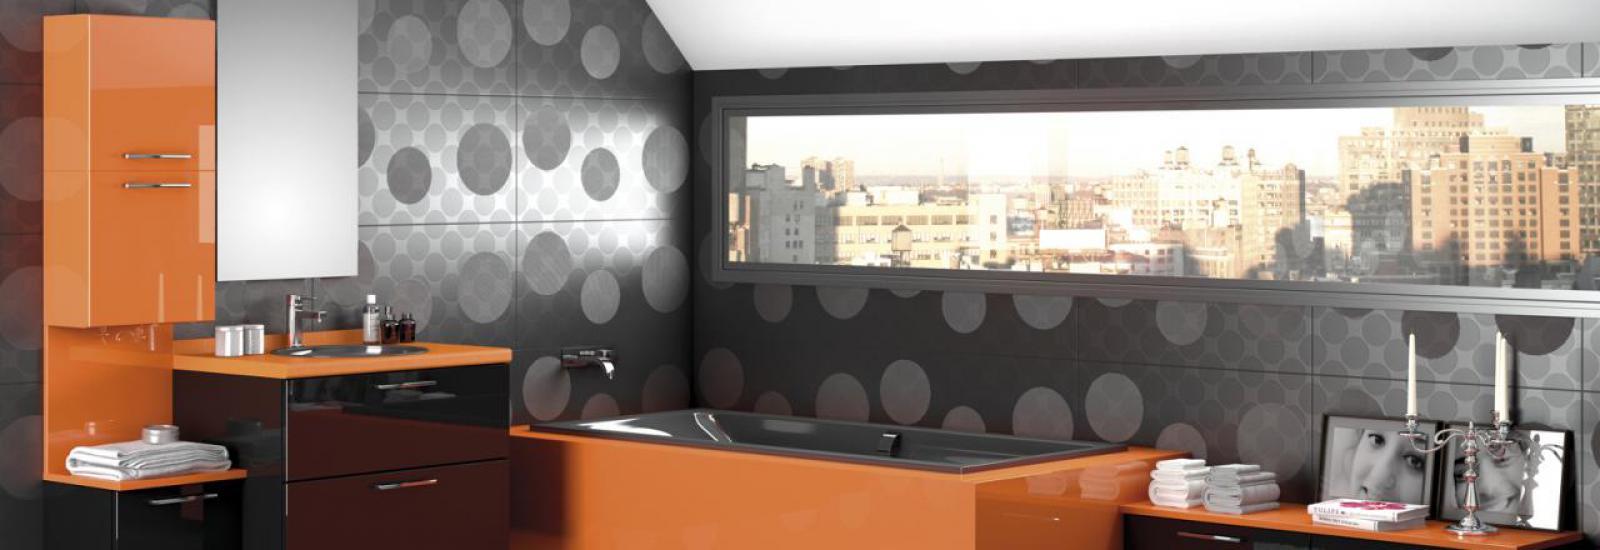 Conception am nagement salle de bain sur mesure clermont - Abri de jardin sur mesure clermont ferrand ...